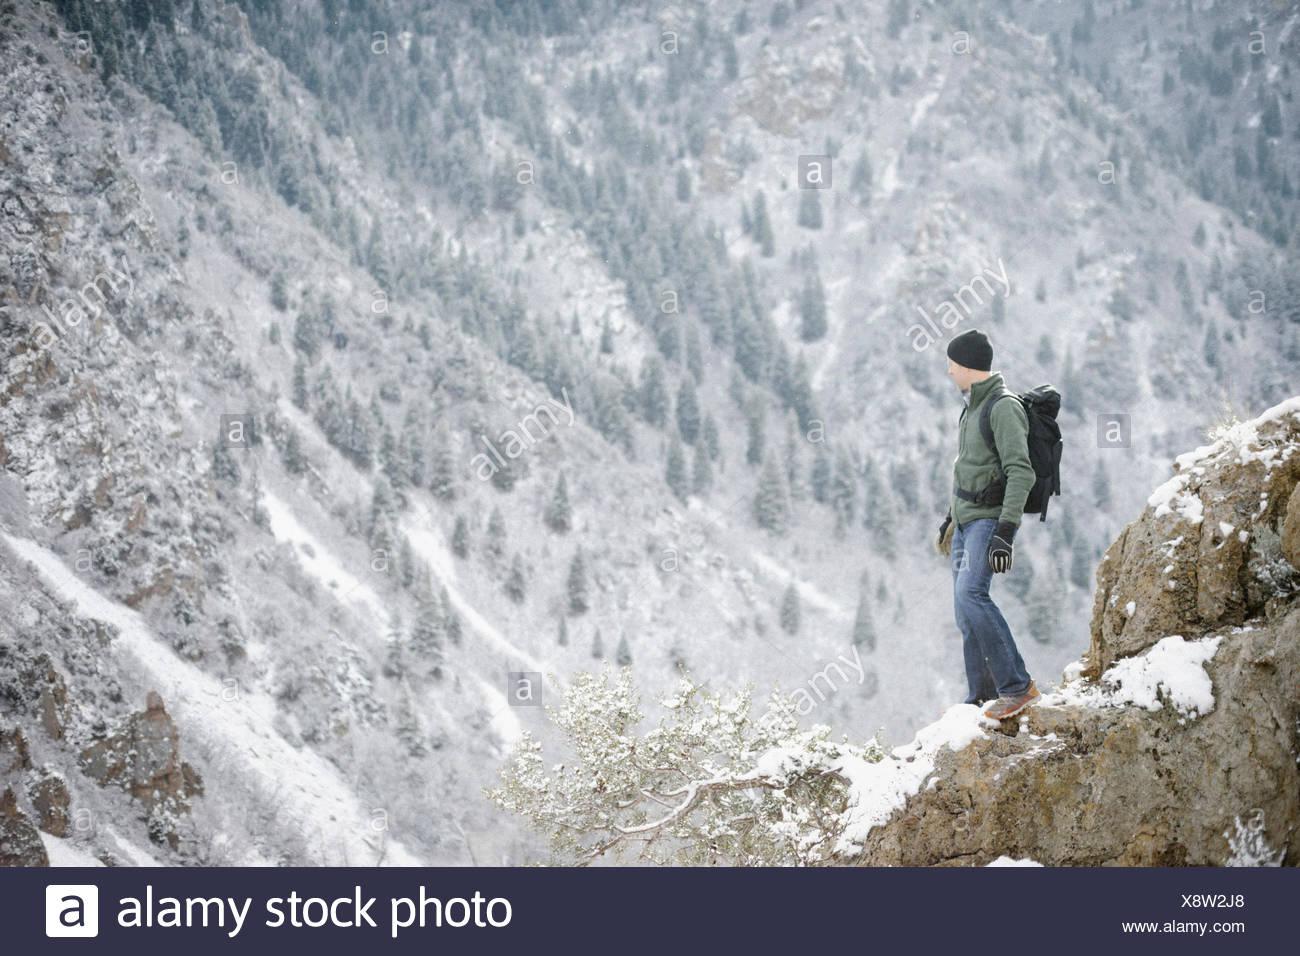 Ein Mann in den Bergen wandern stehen in einem Tal. Stockbild